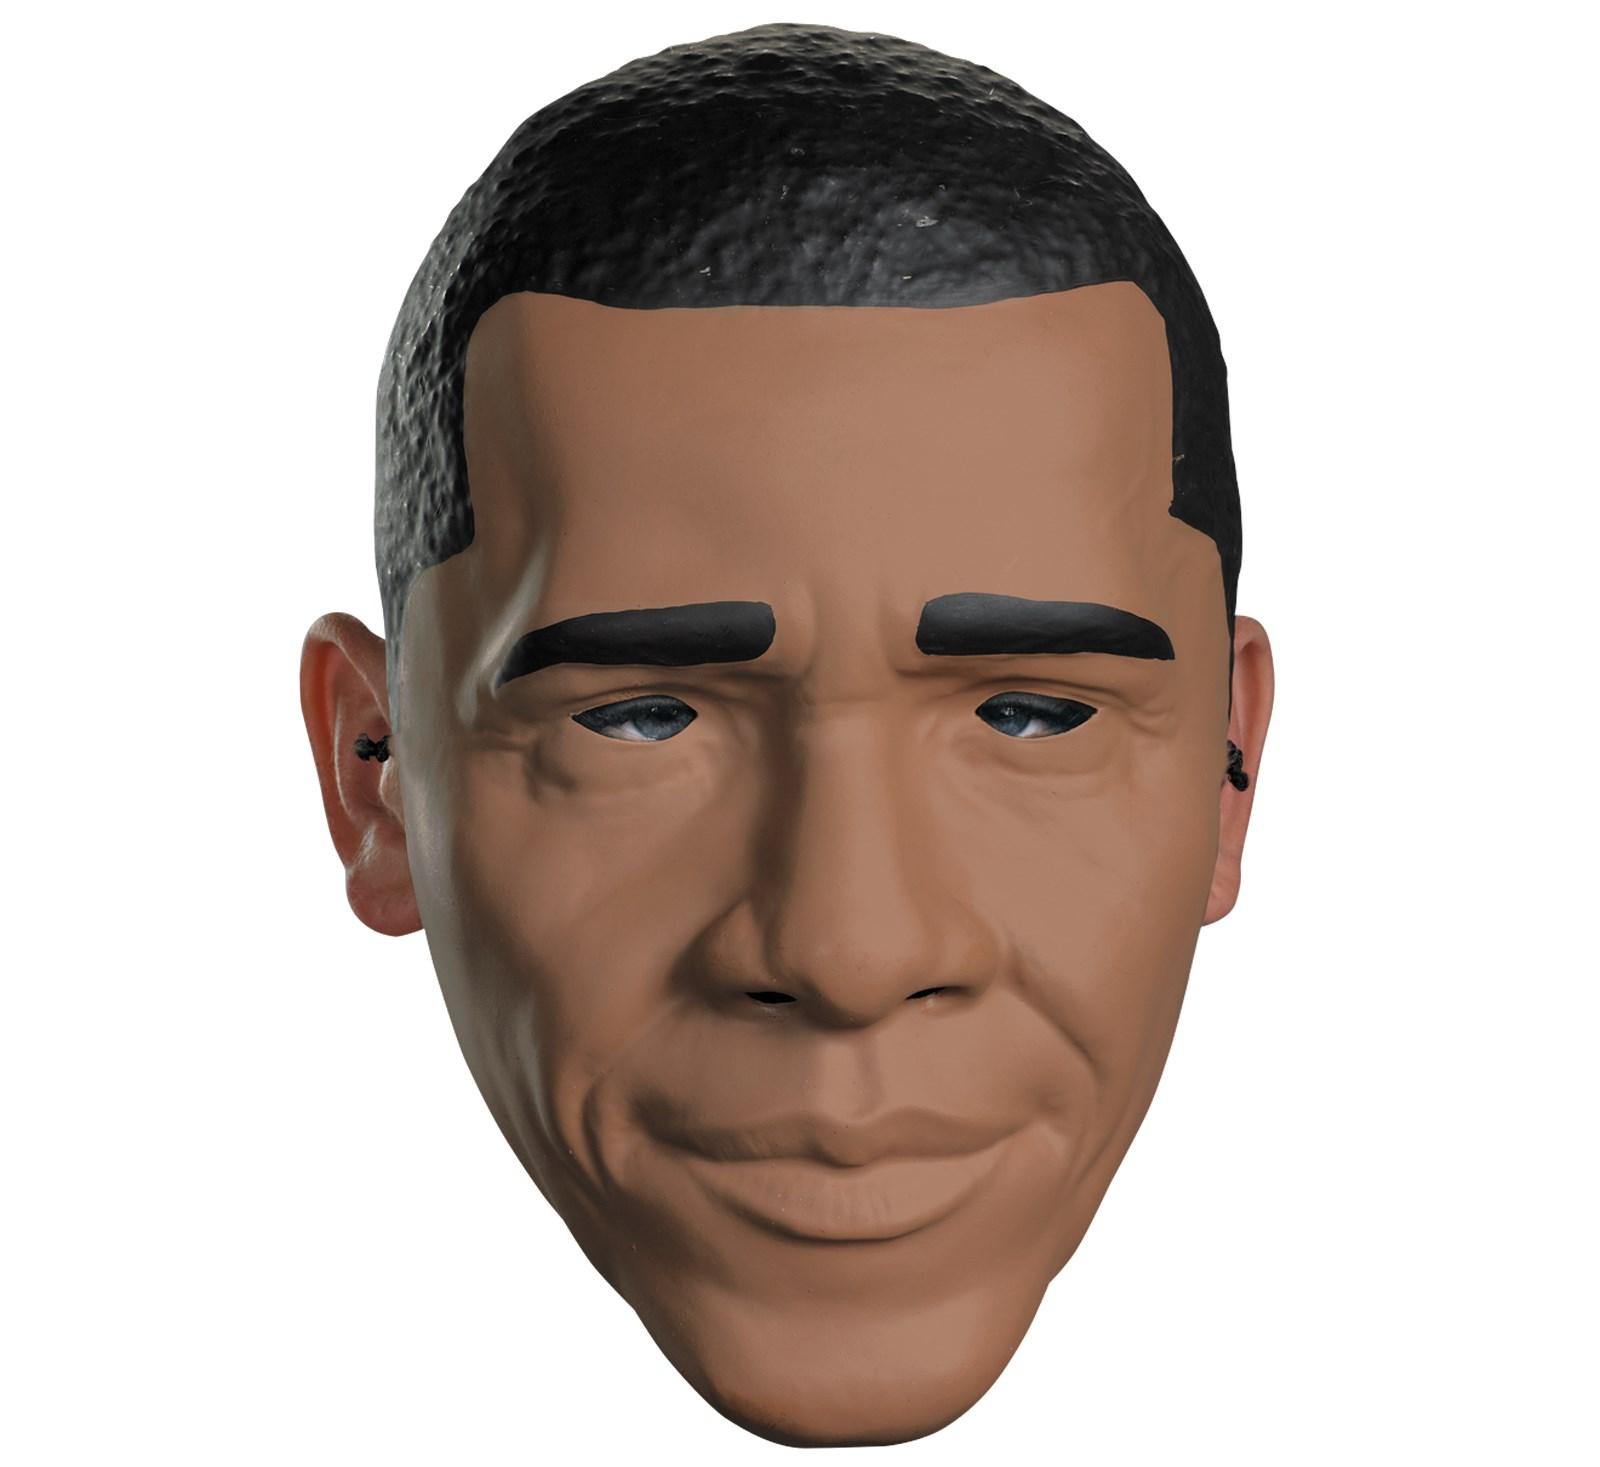 Image of Barack Obama Adult Half Mask